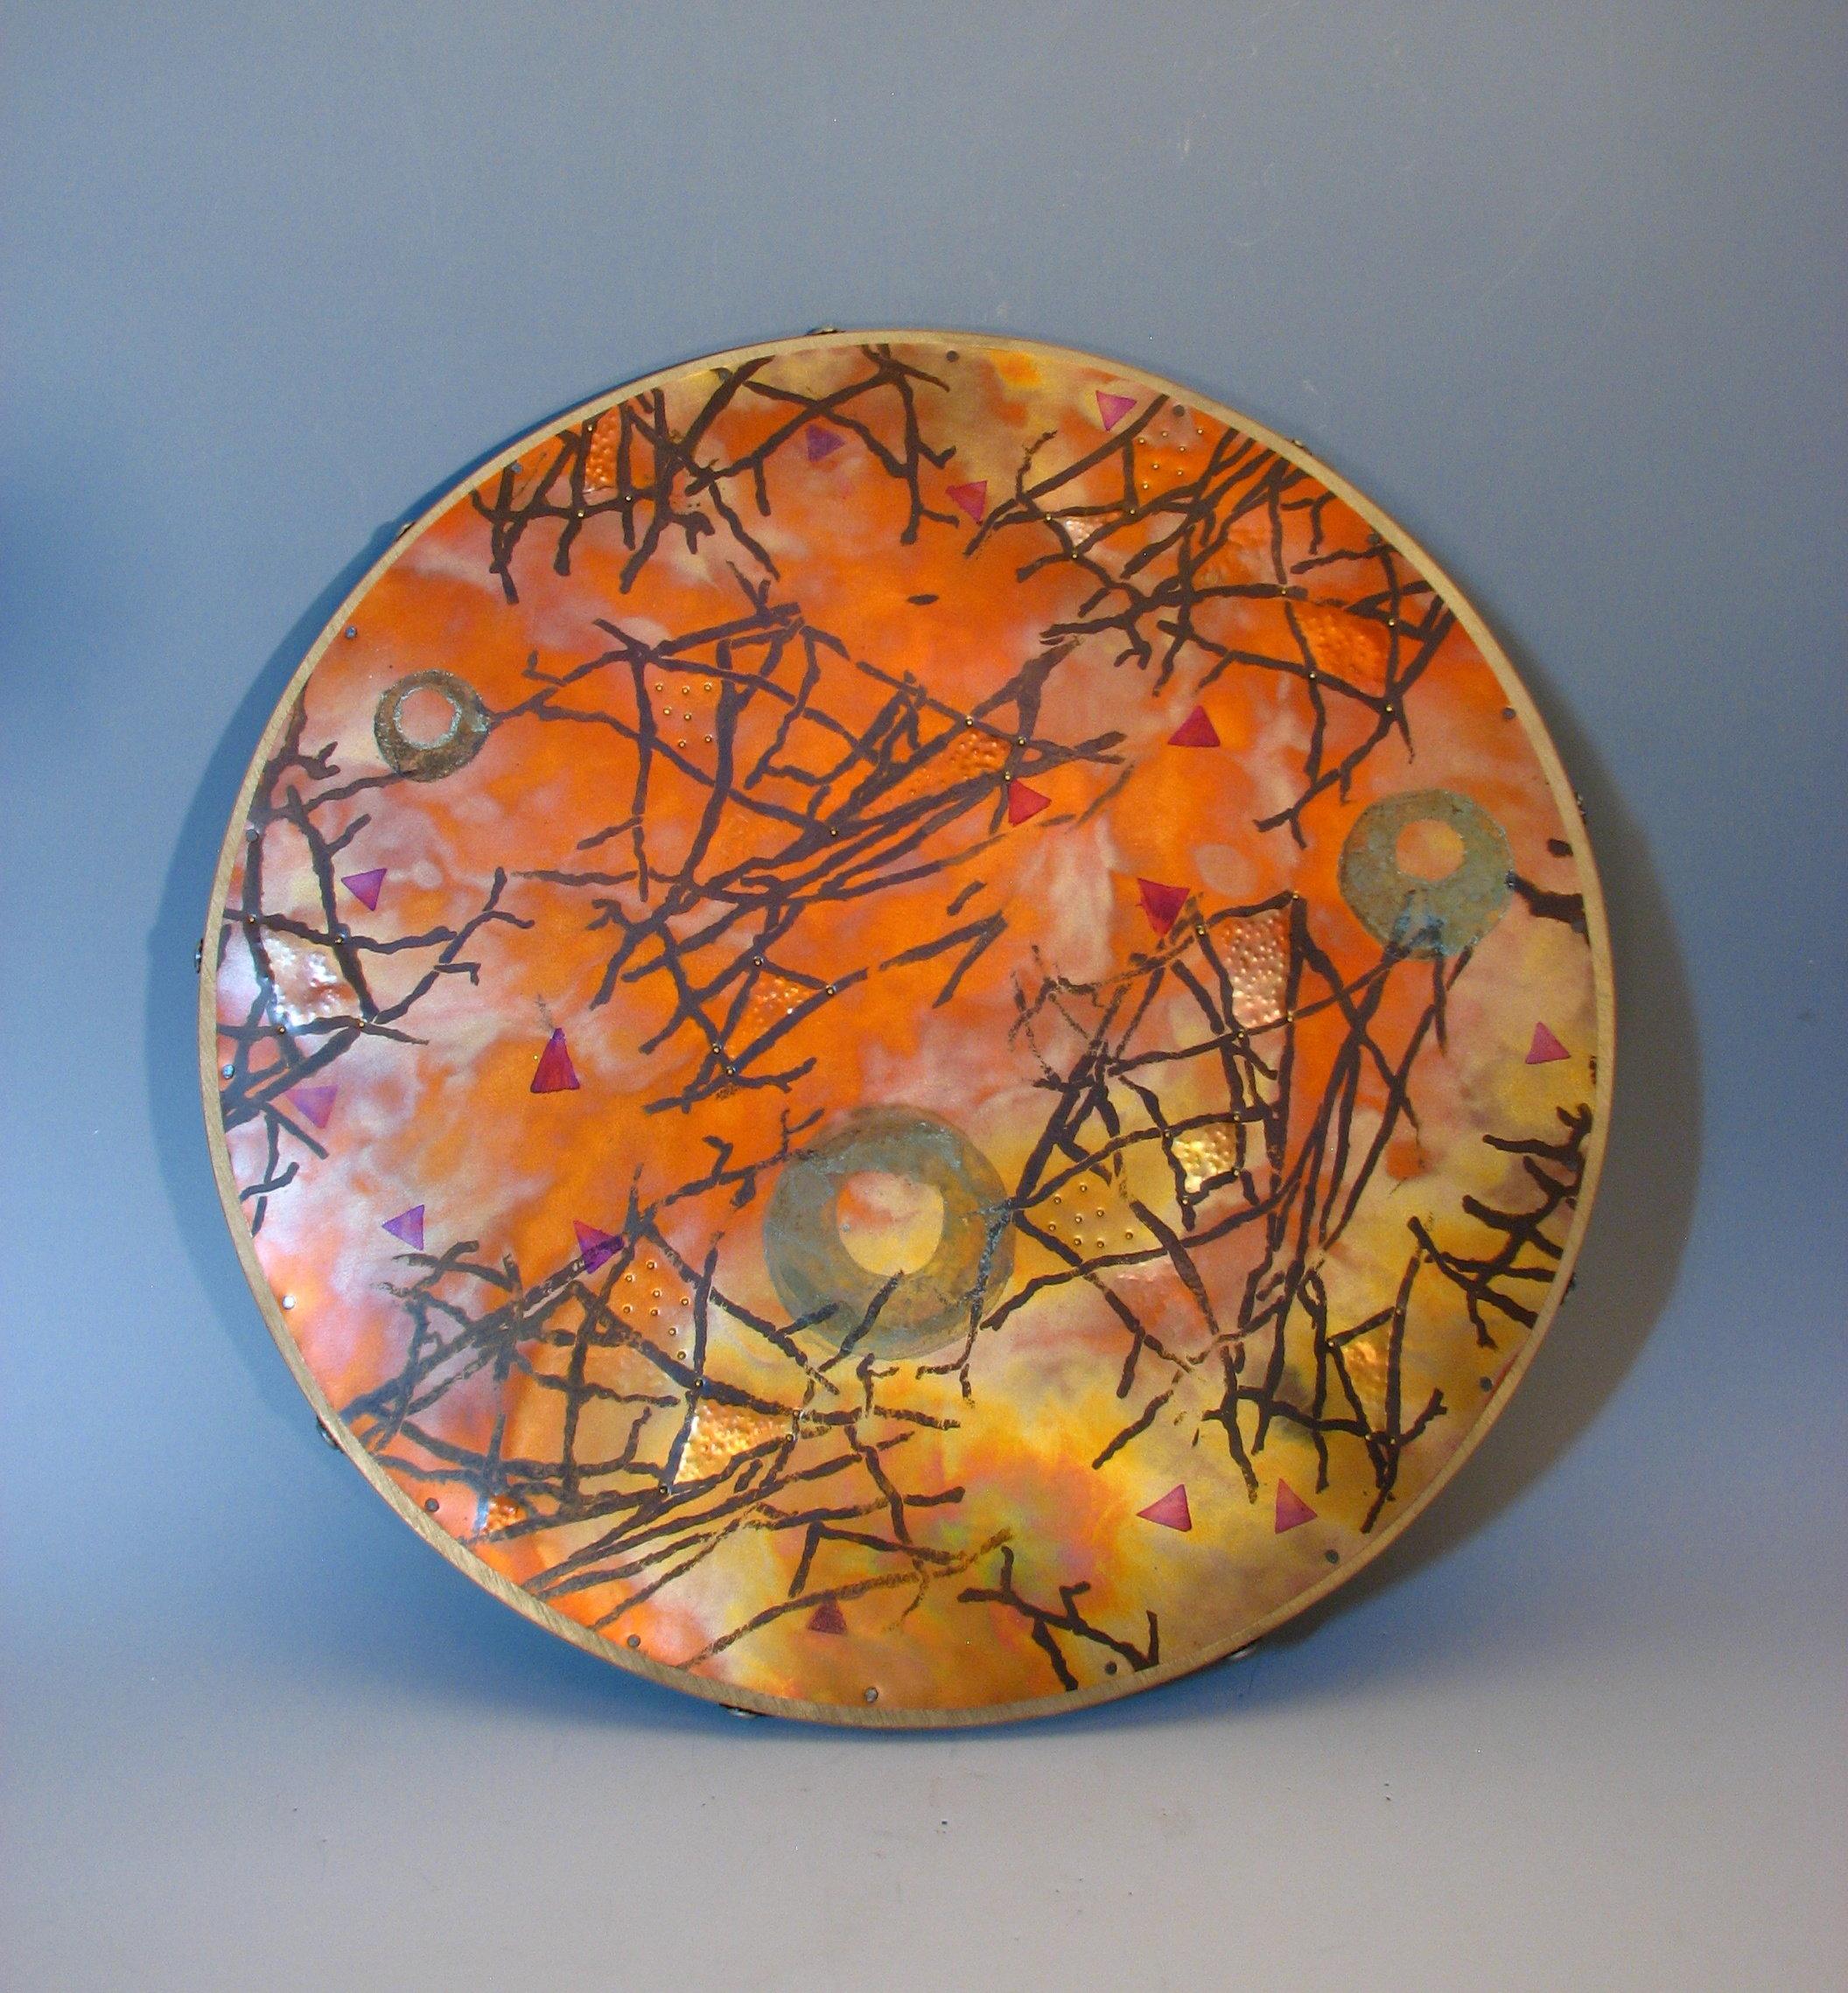 Copper Top Lazy Susan By Dale Jenssen Metal Serving Piece